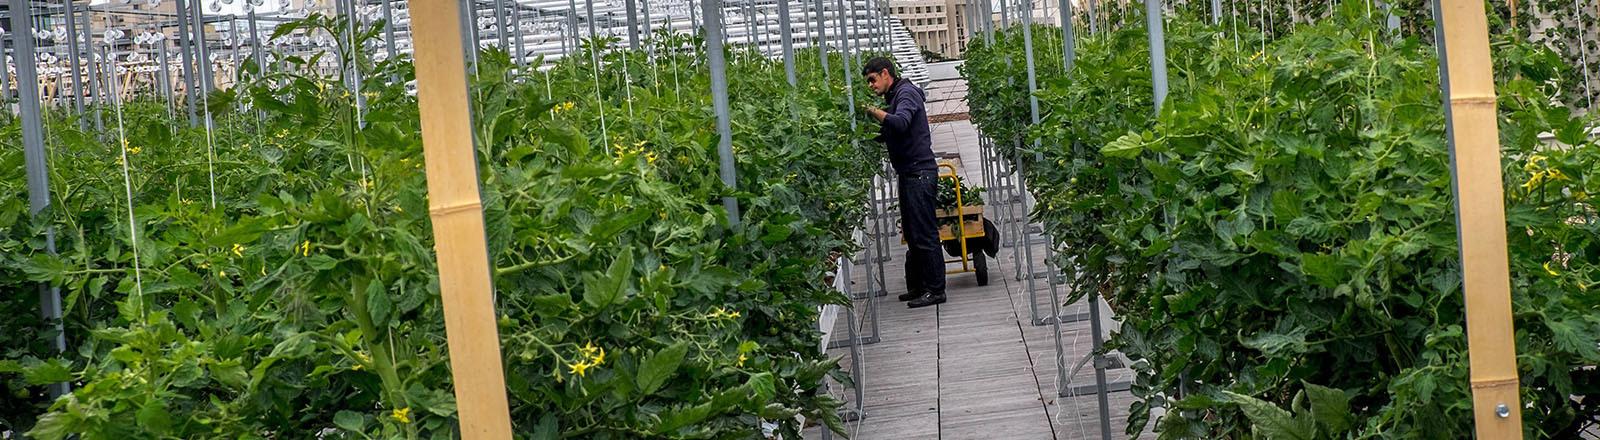 Auf einem Dachgarten in Paris wachsen Tomaten in langen Reihen: Der gehört zum Projekt NU-Paris. In einem Gang dazwischen steht ein Mann und kümmert sich um die Pflanzen, die so groß sind wie er (02.07.2020).